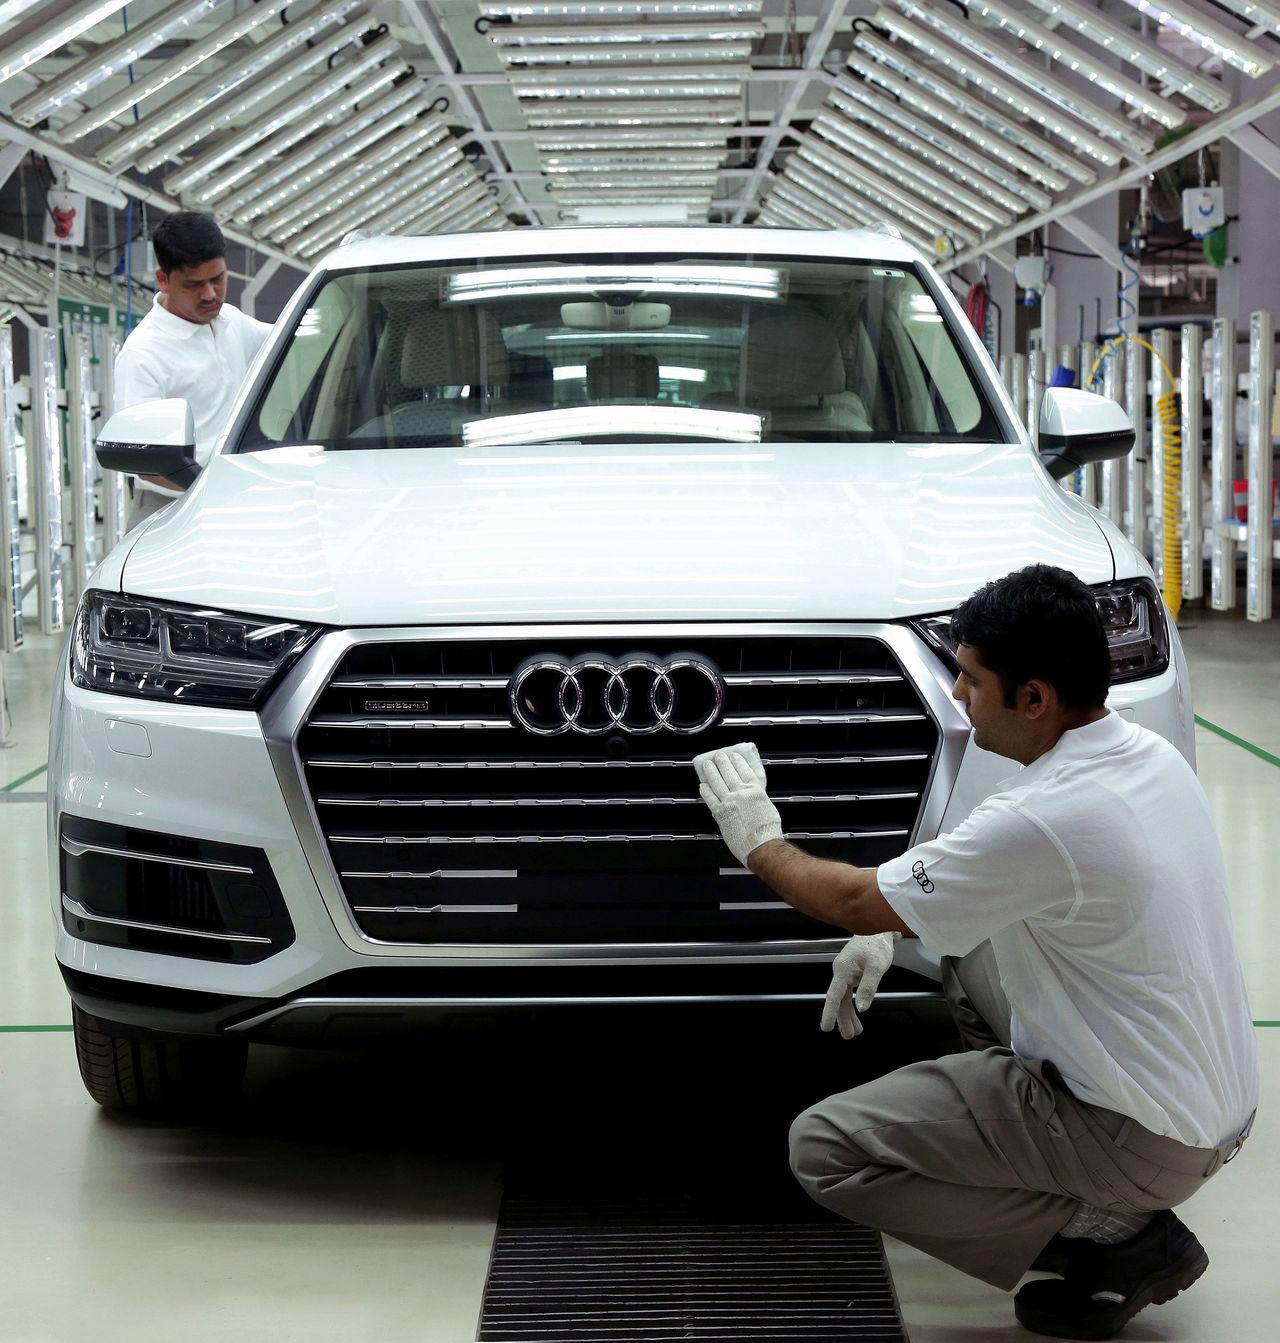 Aurangabad (India) | Audi MediaCenter | audi car manufacturing plant in india